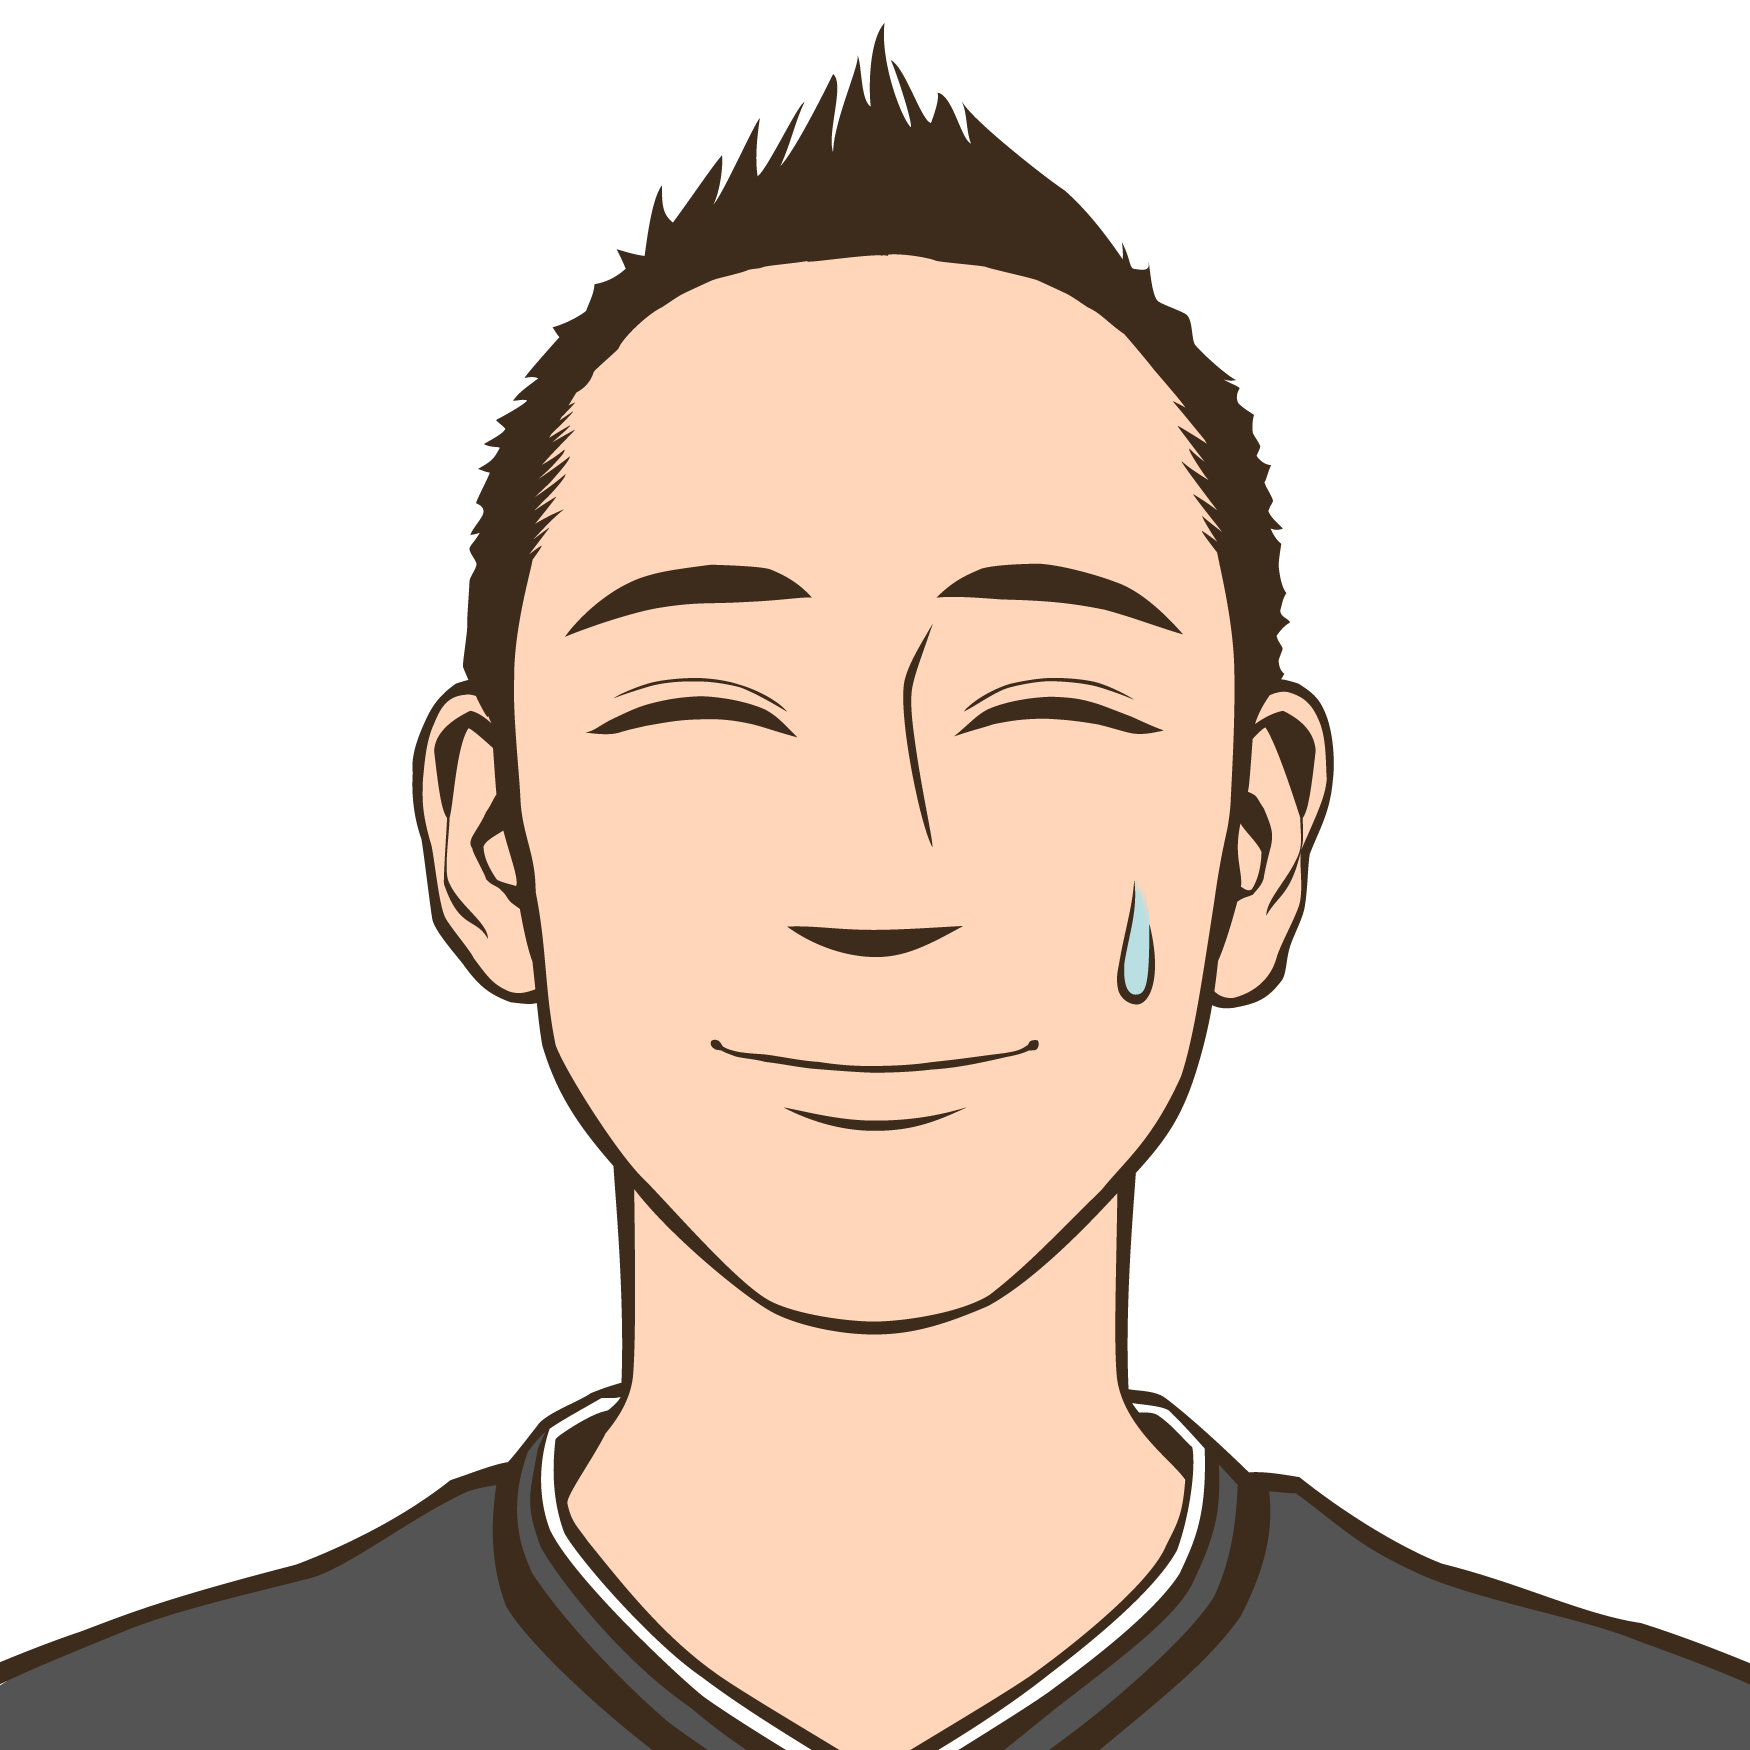 小笠原コーチ(苦笑)